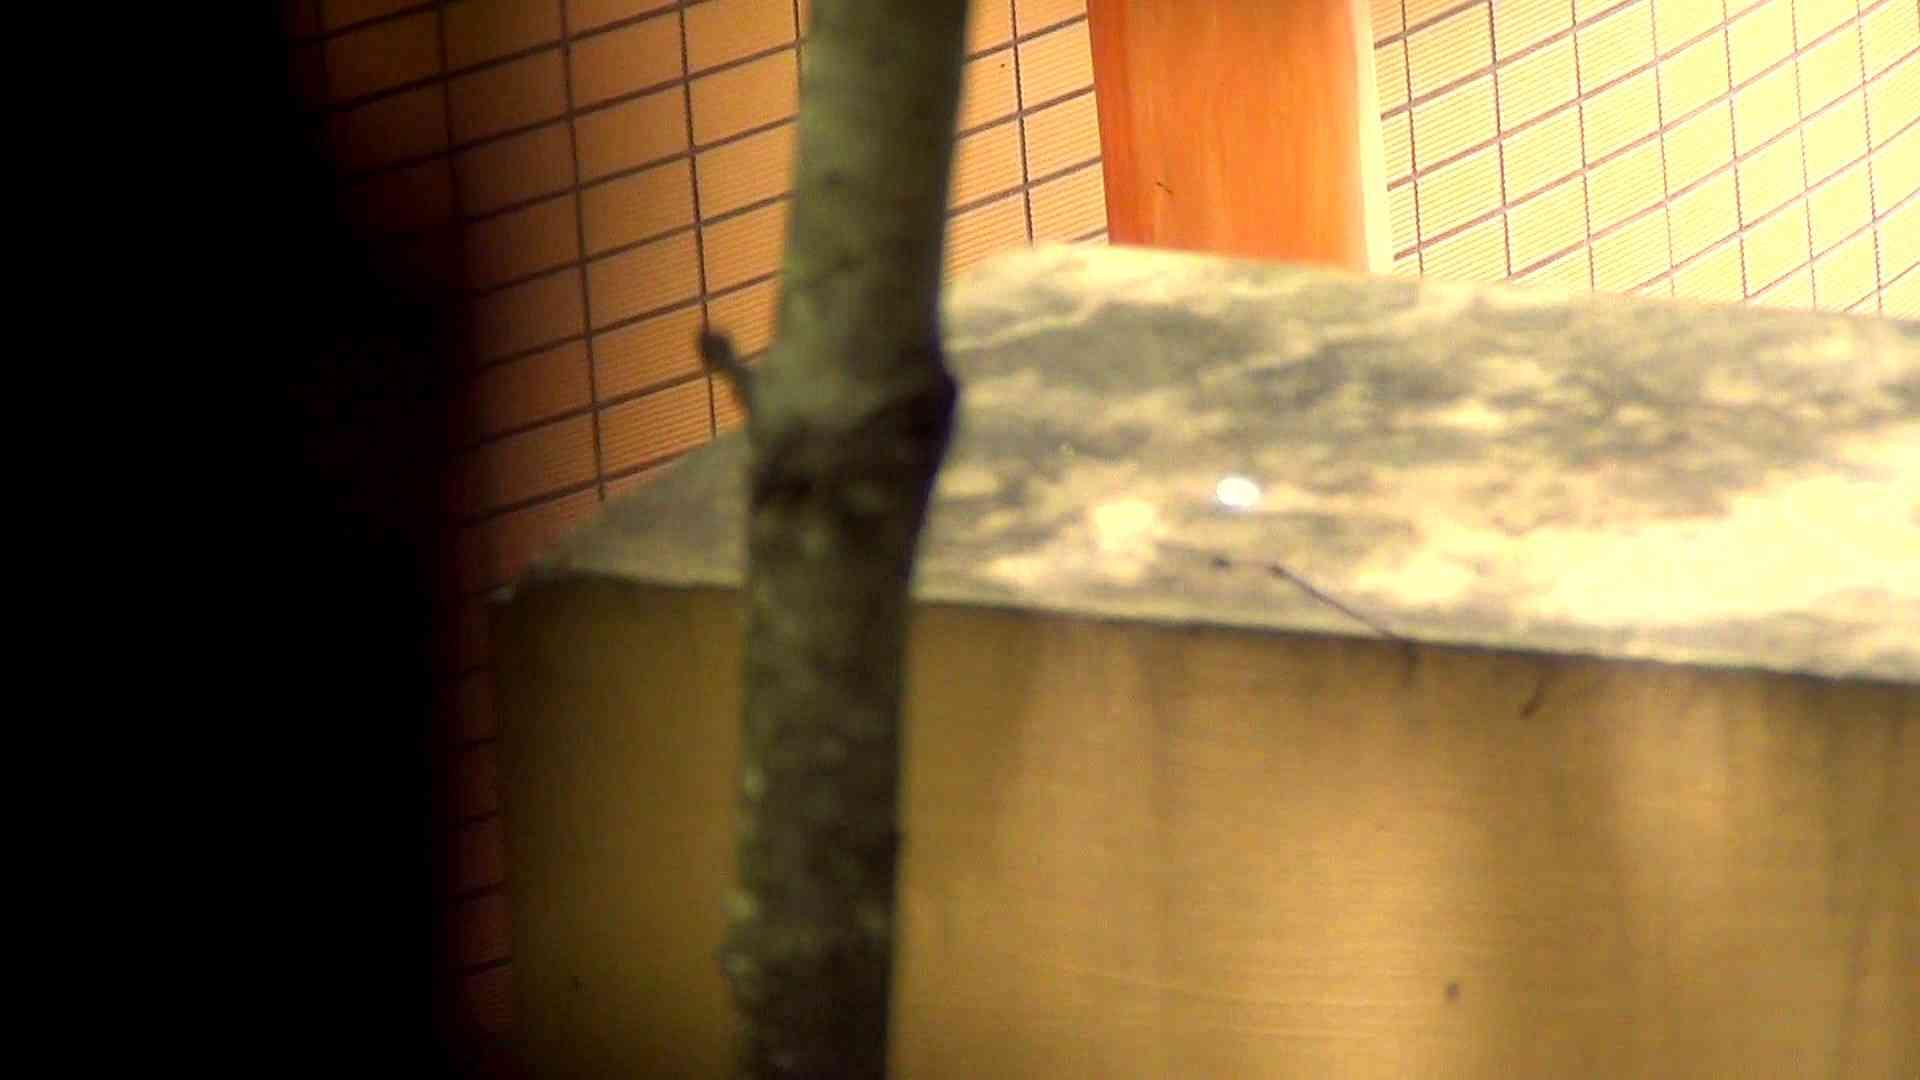 Aquaな露天風呂Vol.292 美しいOLの裸体   盗撮師作品  81pic 31